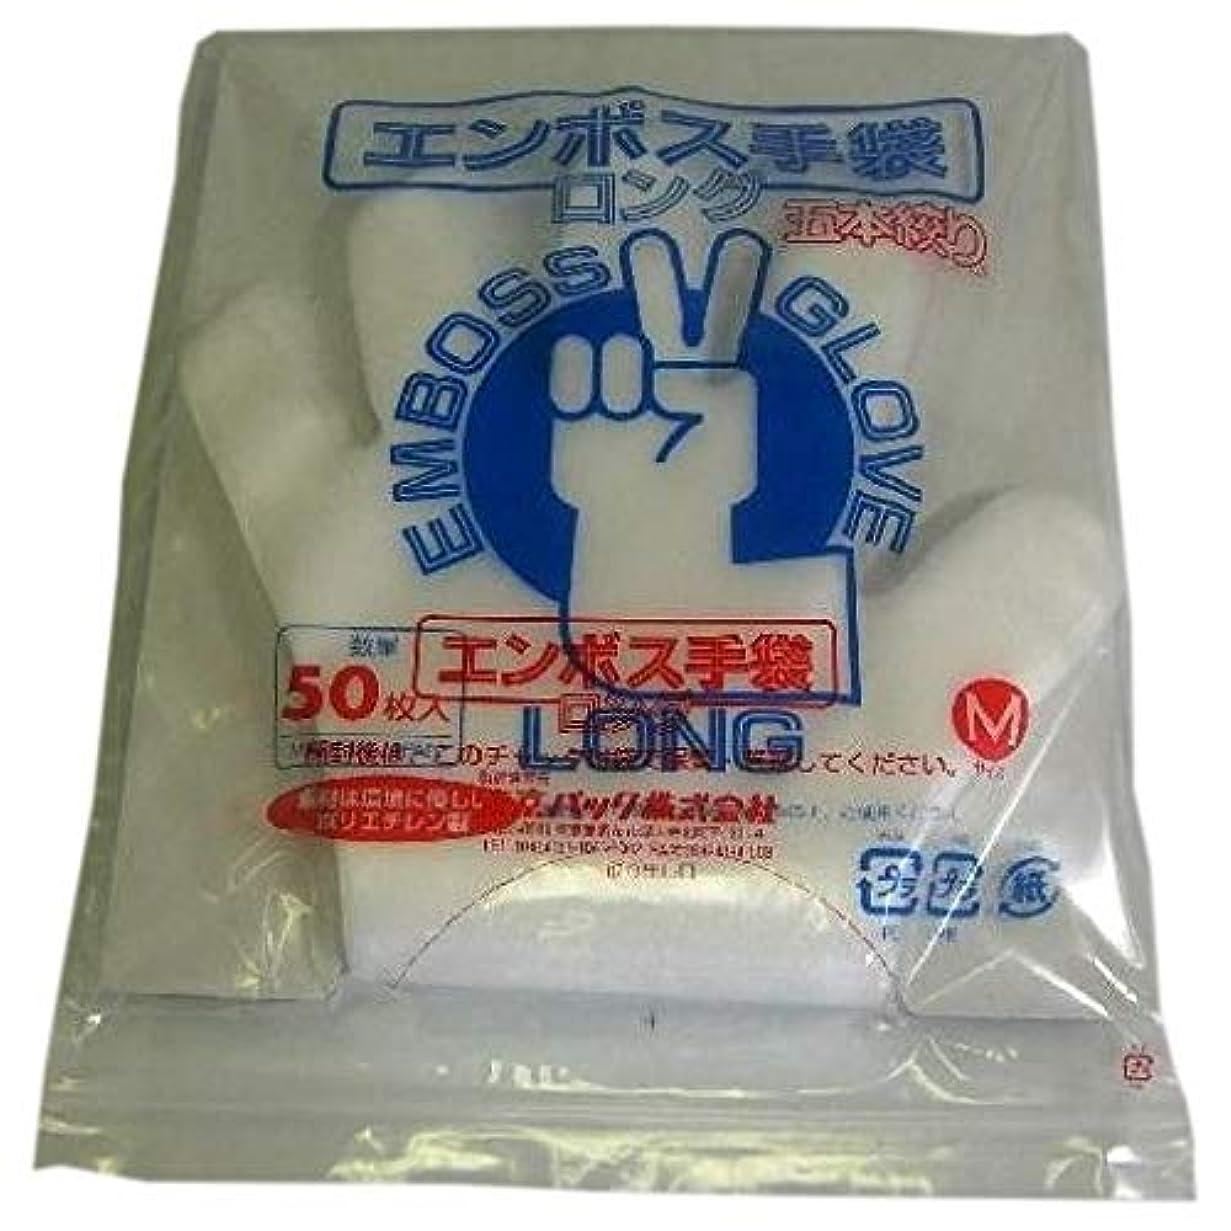 不名誉な辞書妊娠したエンボス手袋ロング 5本絞り ナチュラル M 50枚入x10袋入り